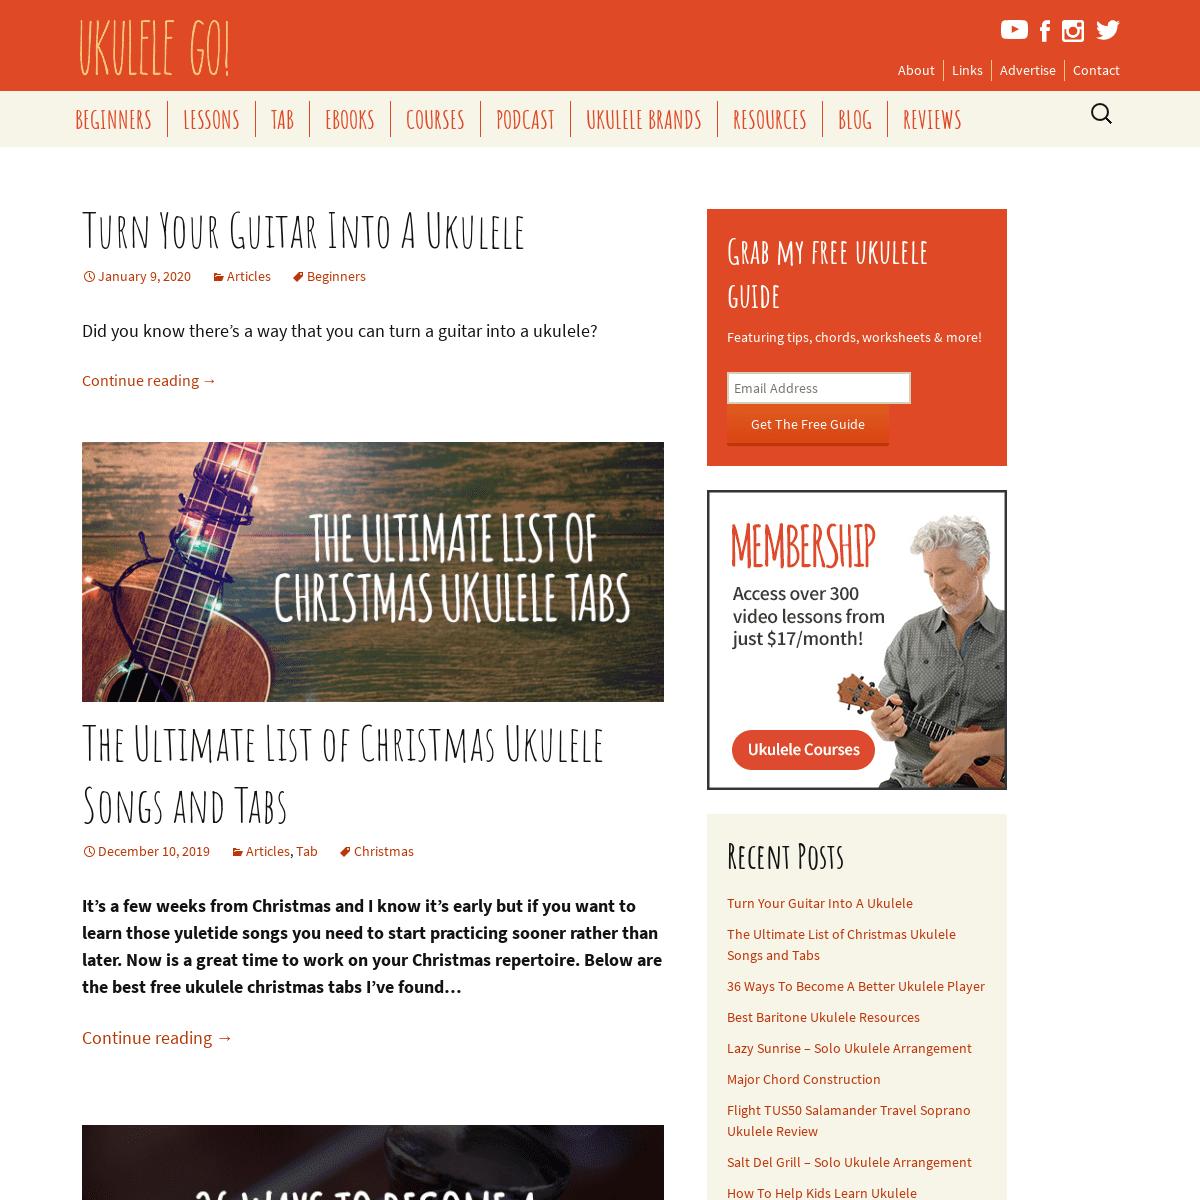 ArchiveBay.com - ukulelego.com - Learn Ukulele - Lessons, Tutorials & More - Ukulele Go Blog!